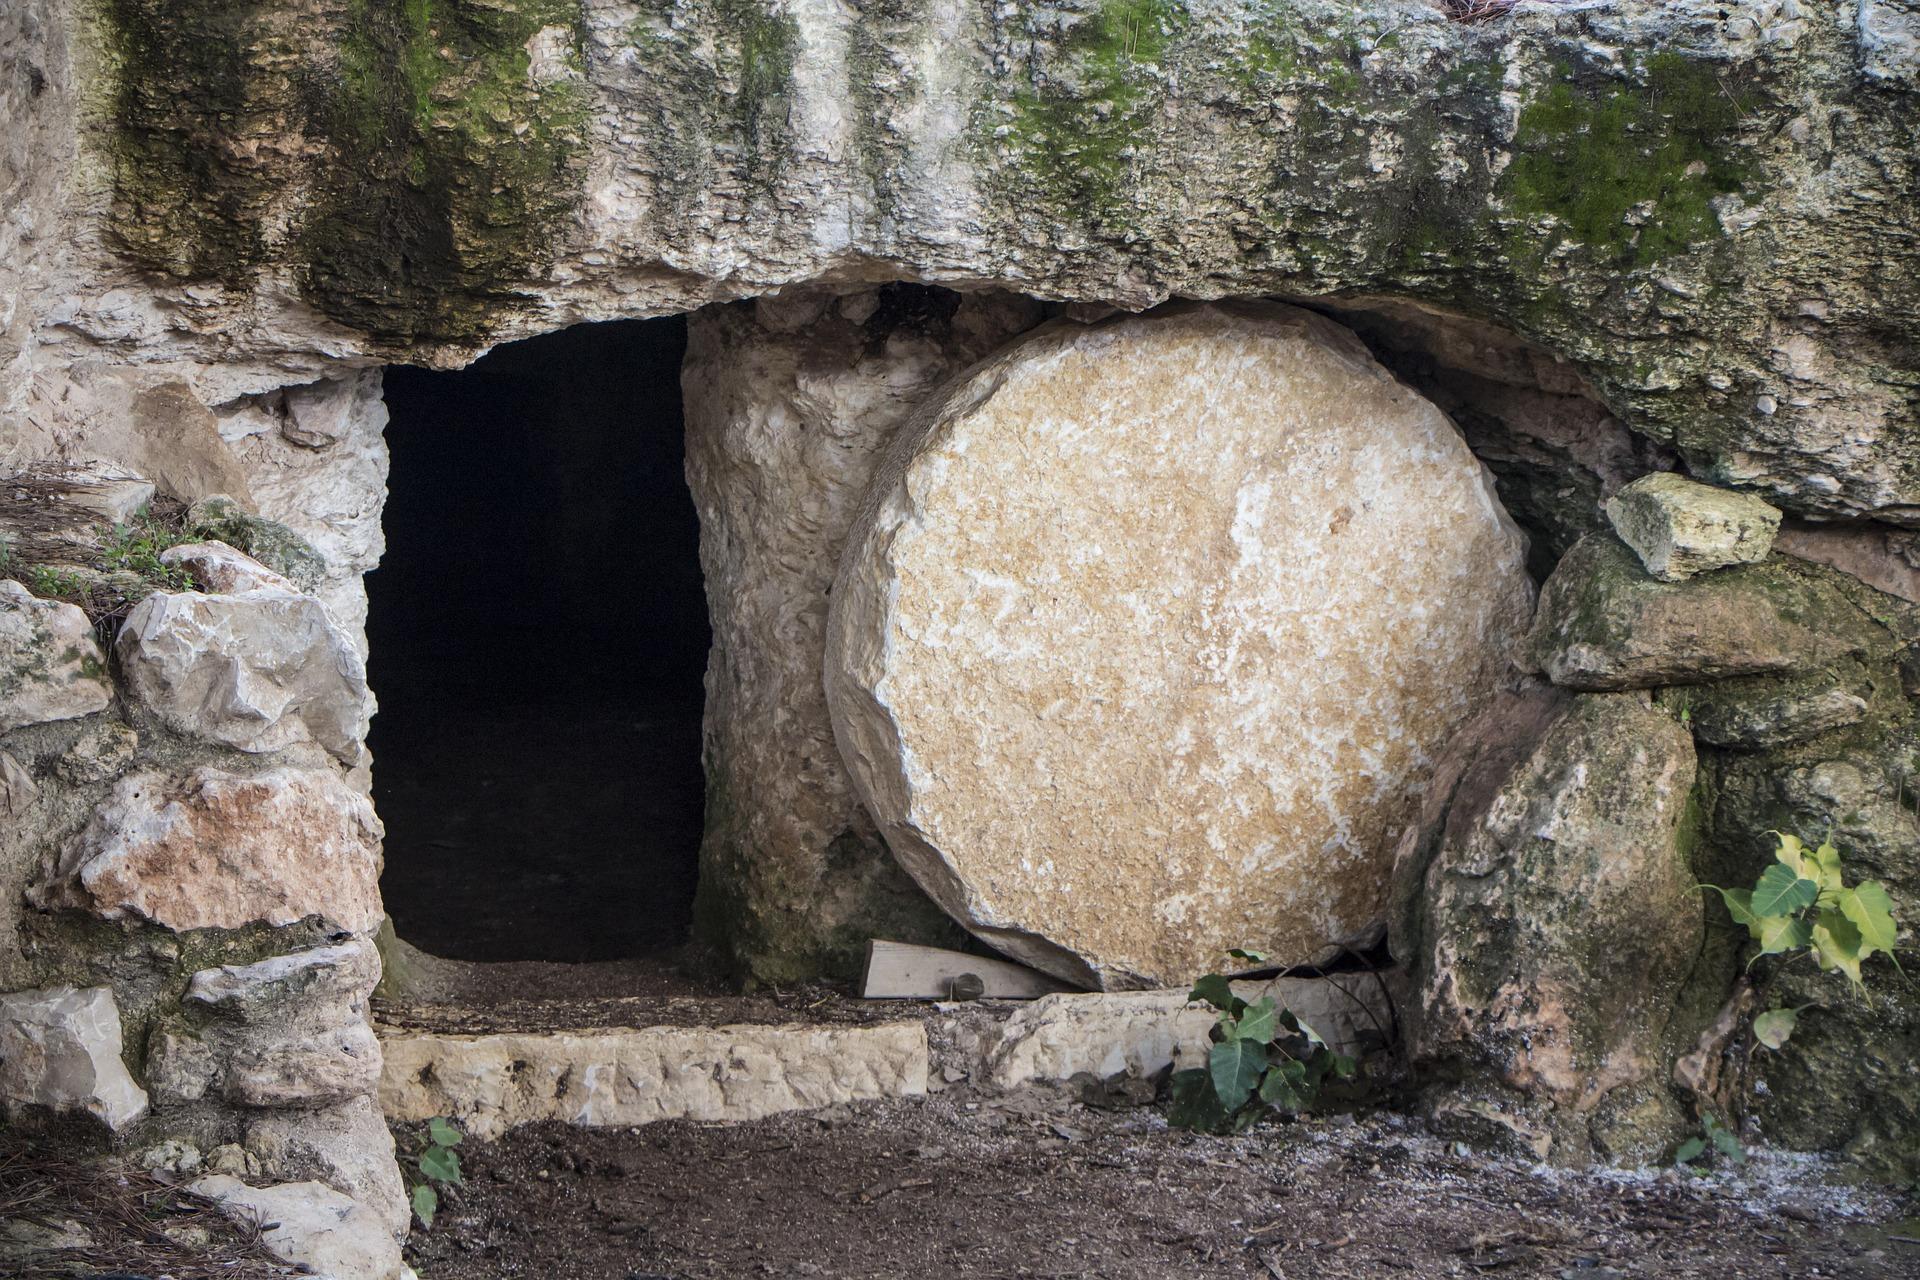 Kallio, jossa on aukko. Aukon edessä on iso, pyöreä kivi.